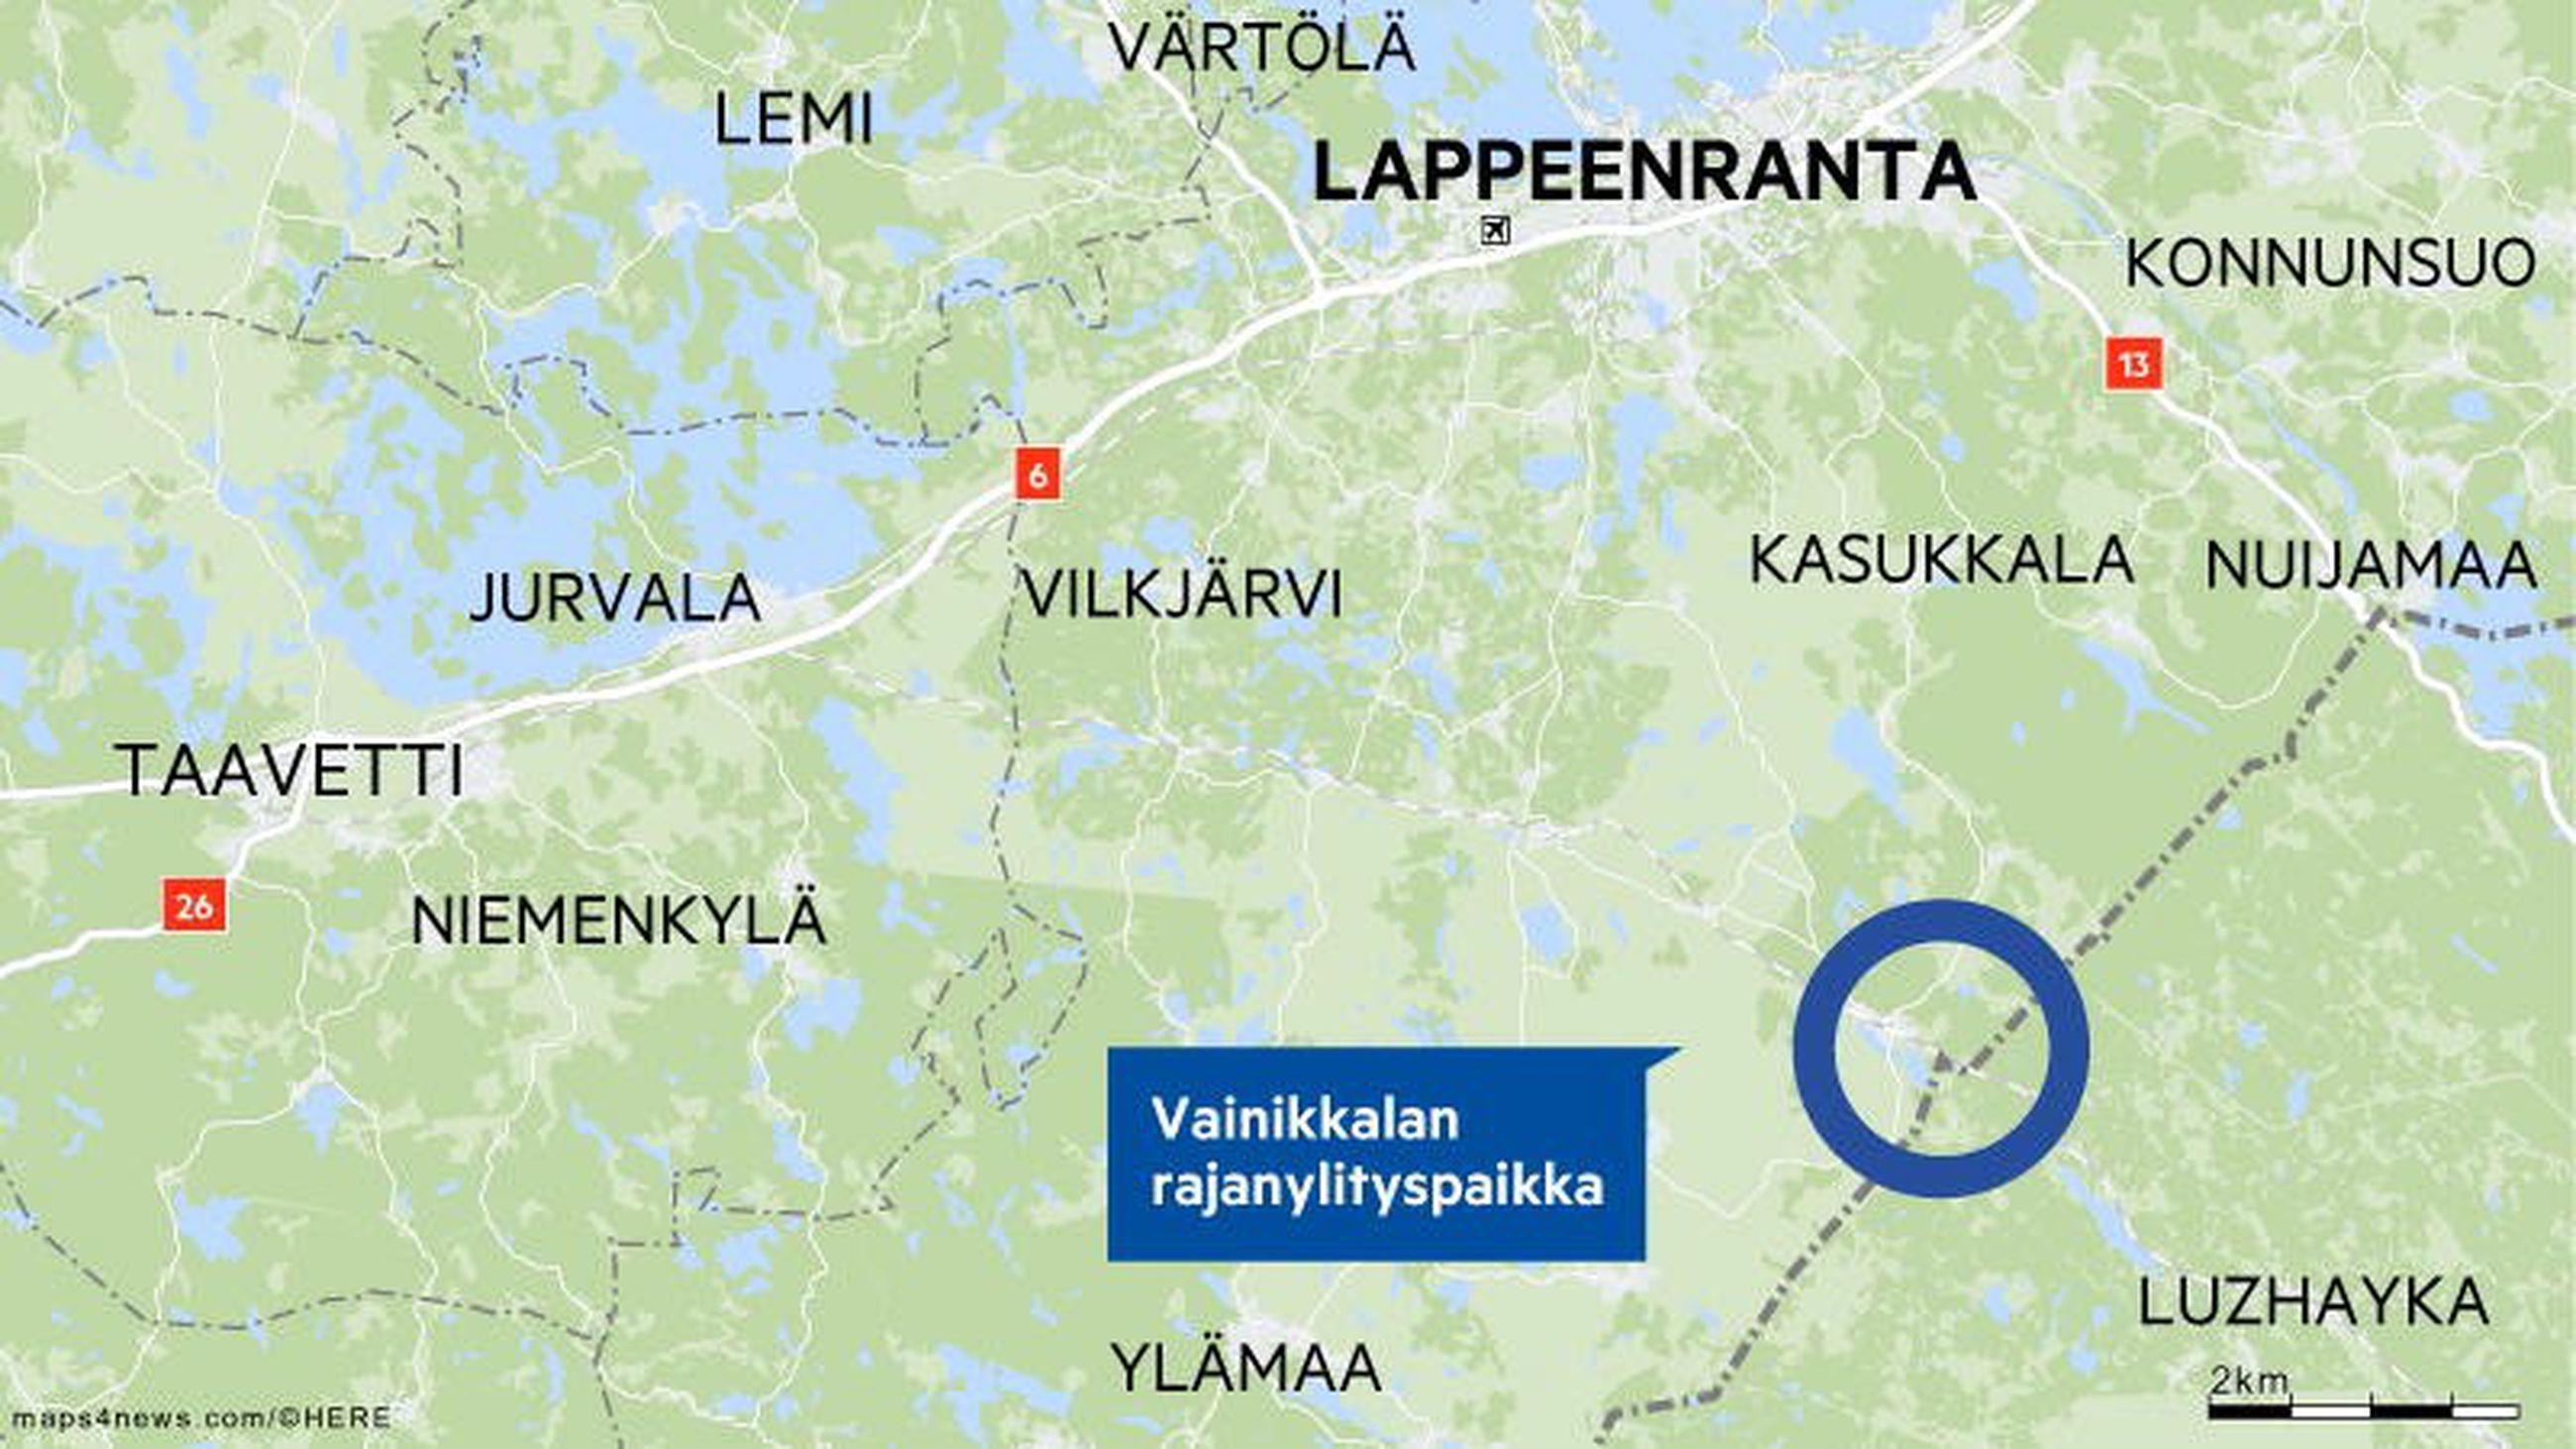 Suomen Rajavartiolaitos